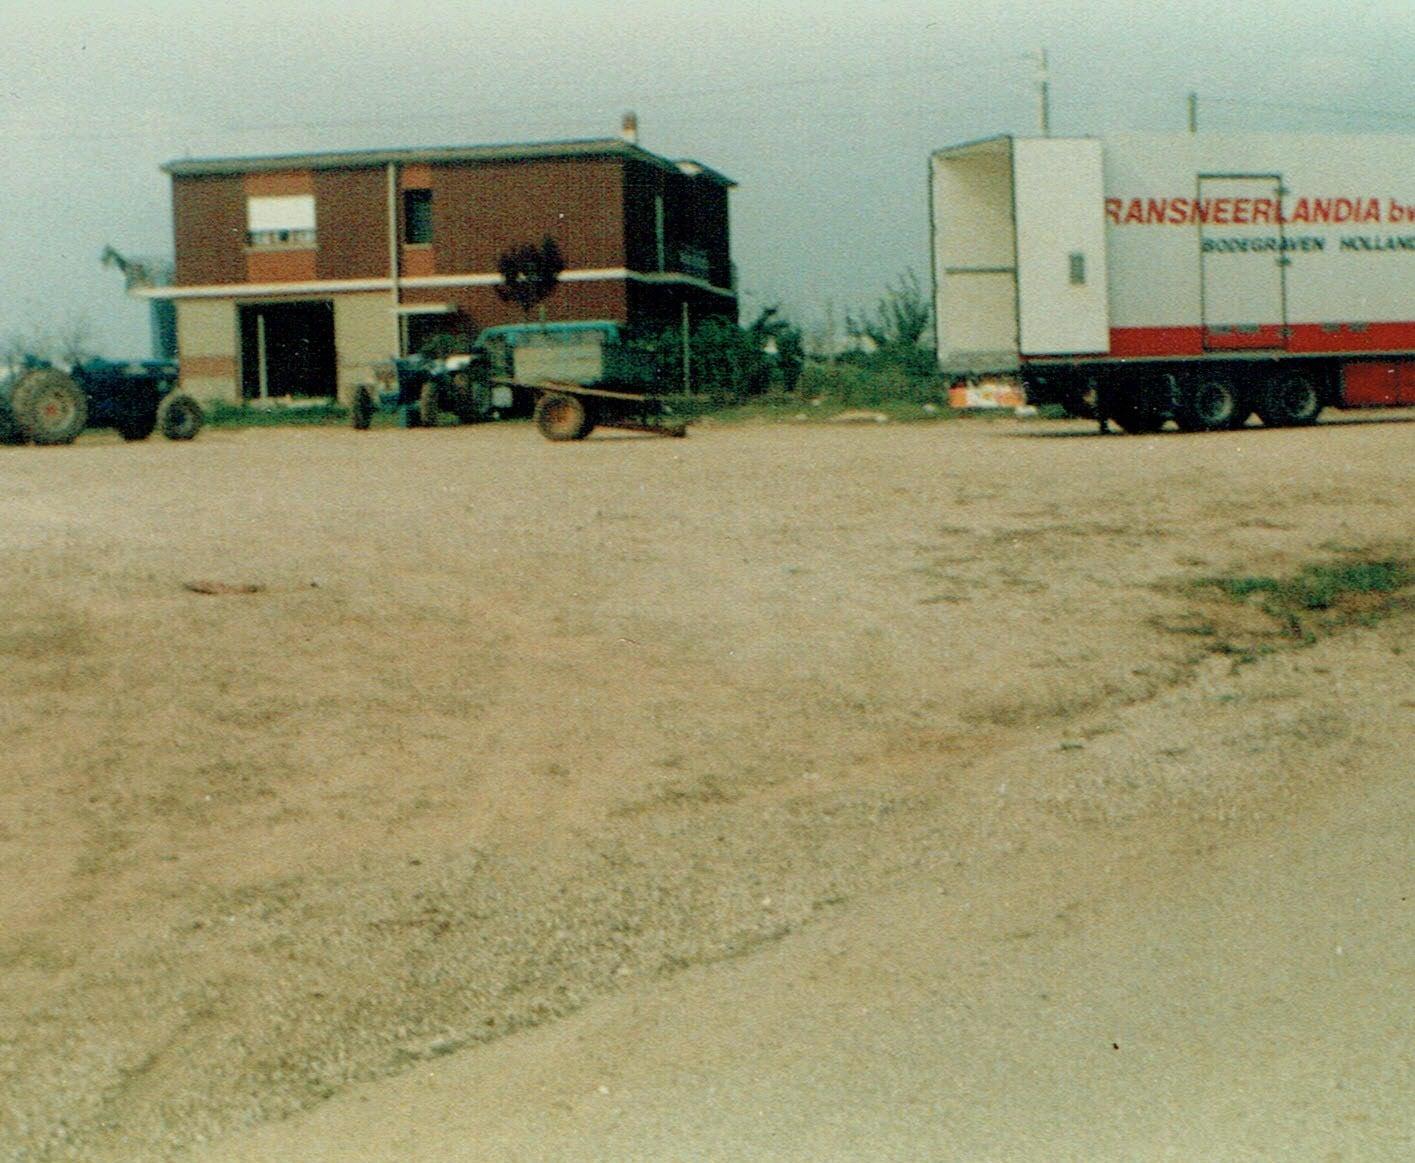 Jaap-Warnders--1990-mijn-vader-mee-rit-bloemen-naar-Italie-en-druiven-naar-Duitsland-retour--(2)